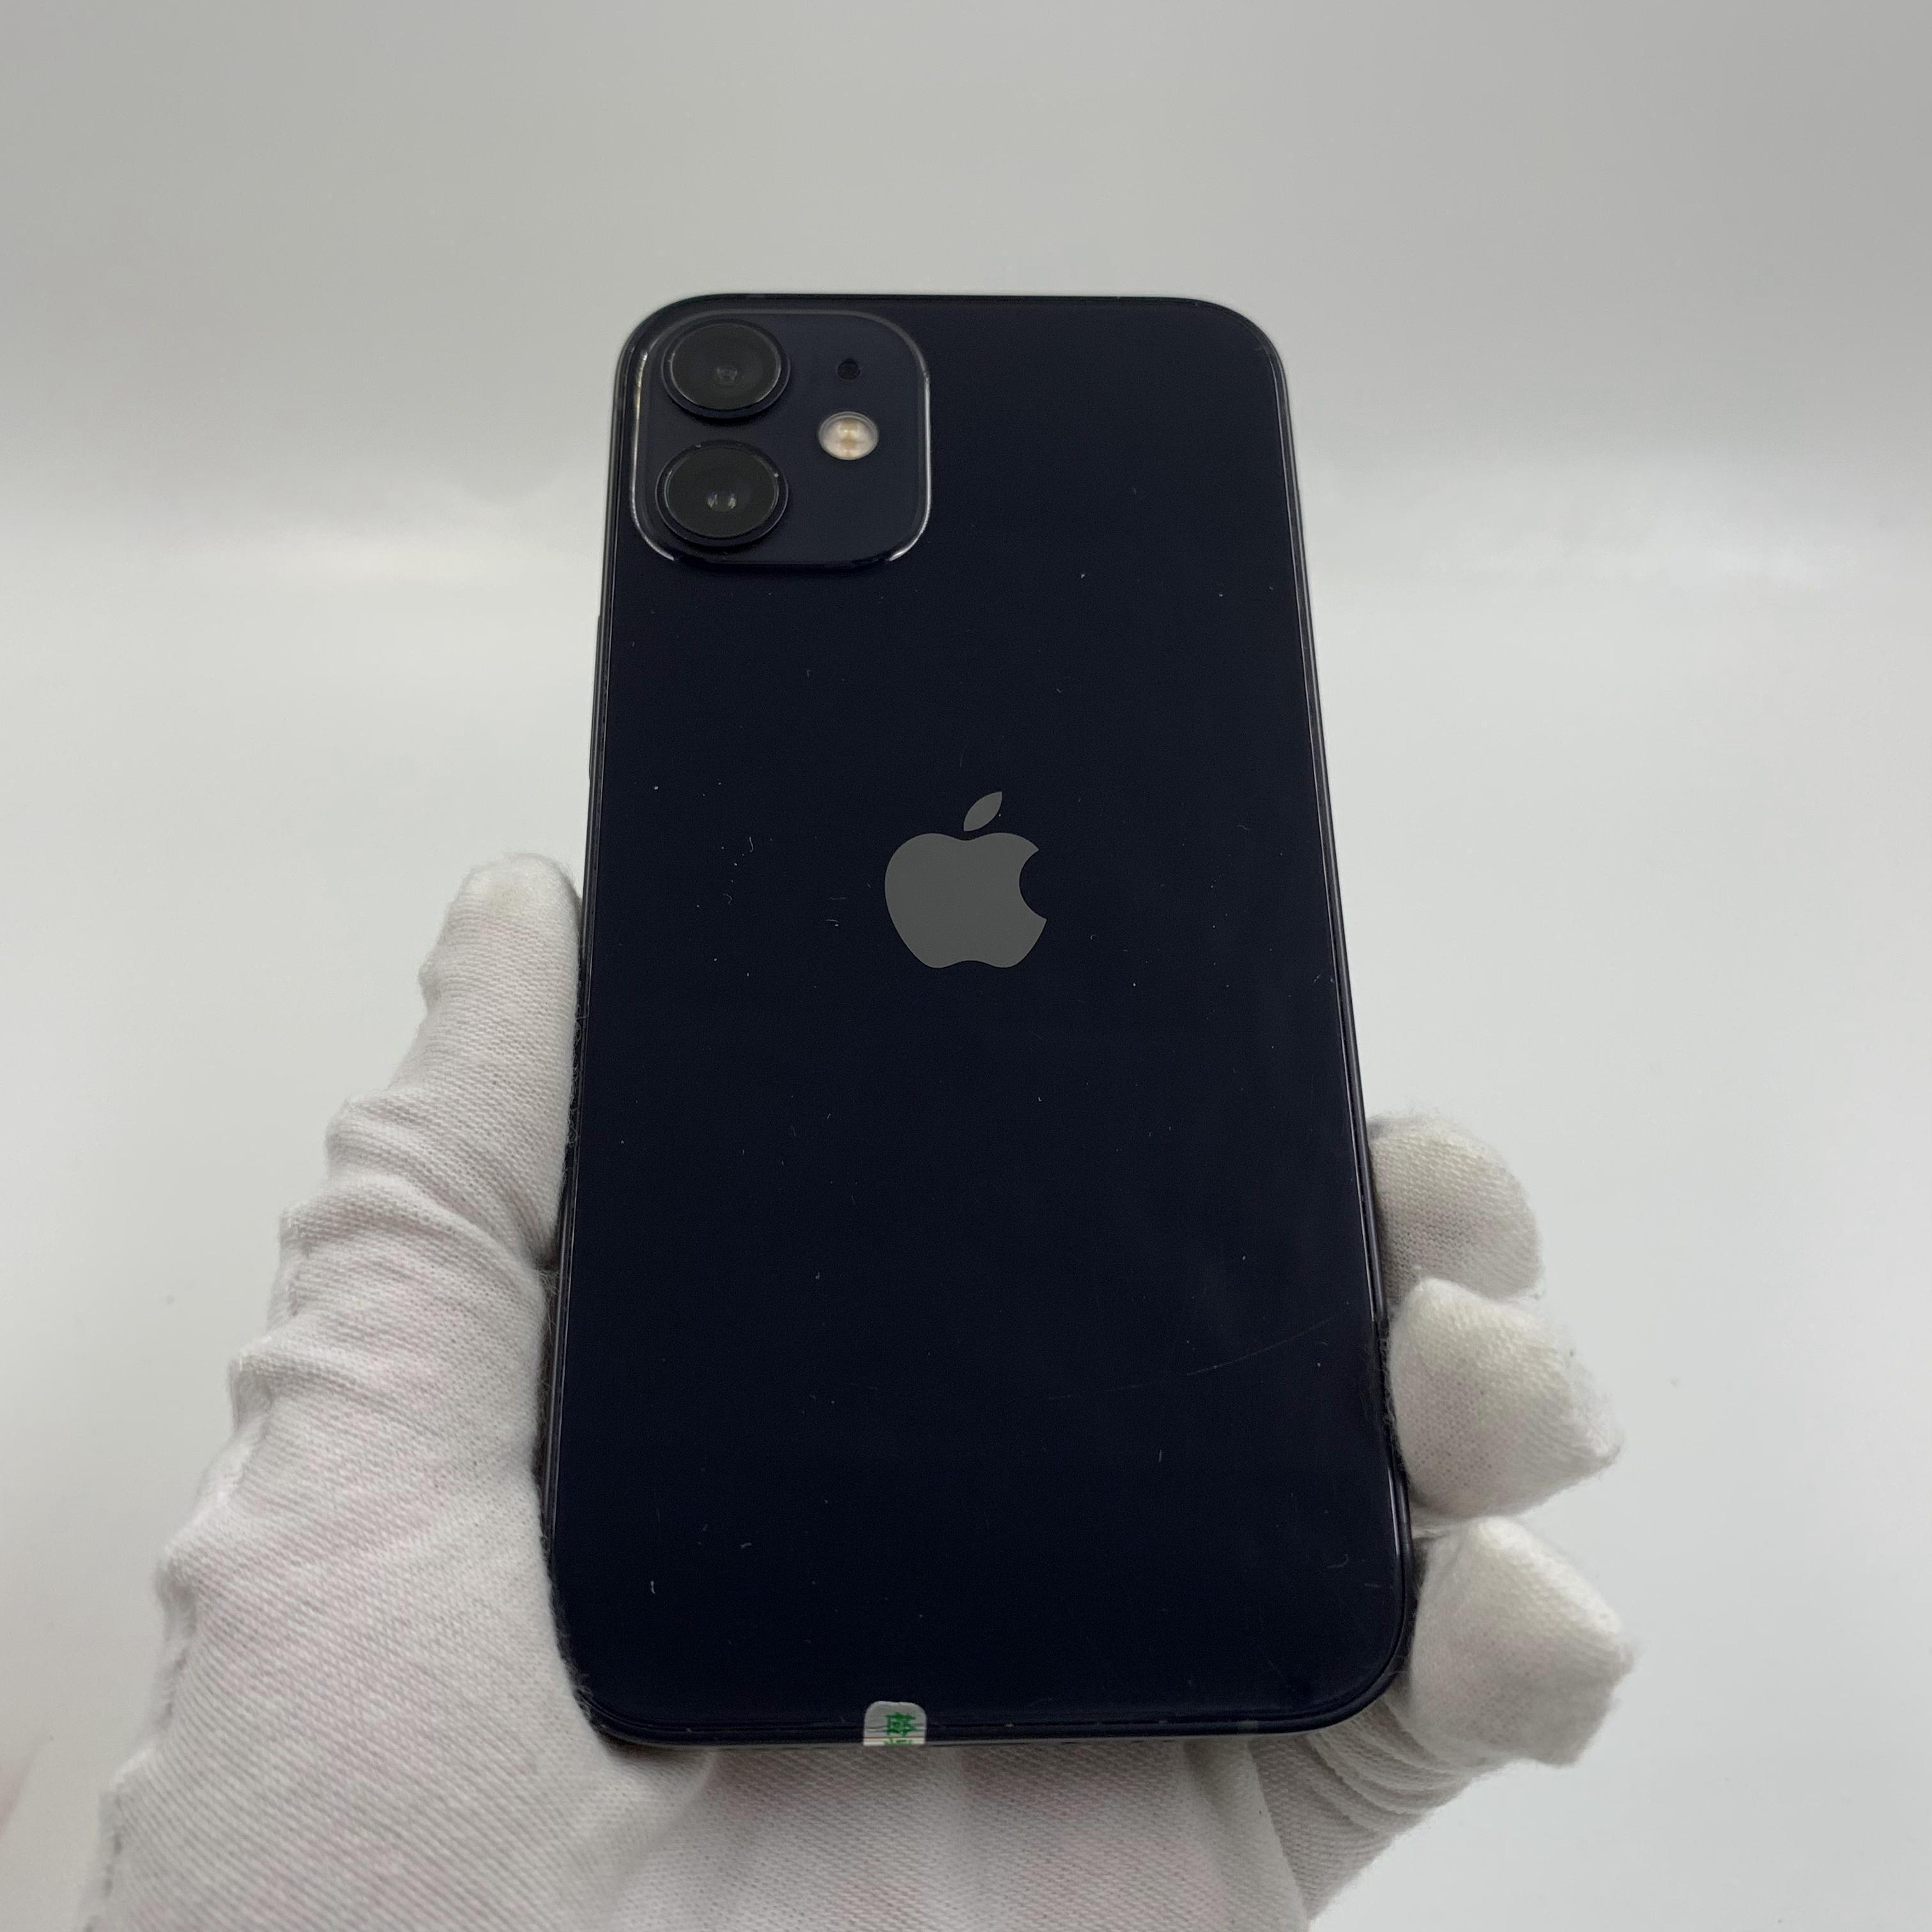 苹果【iPhone 12 mini】5G全网通 黑色 256G 国行 9成新 真机实拍保修2021-12-09